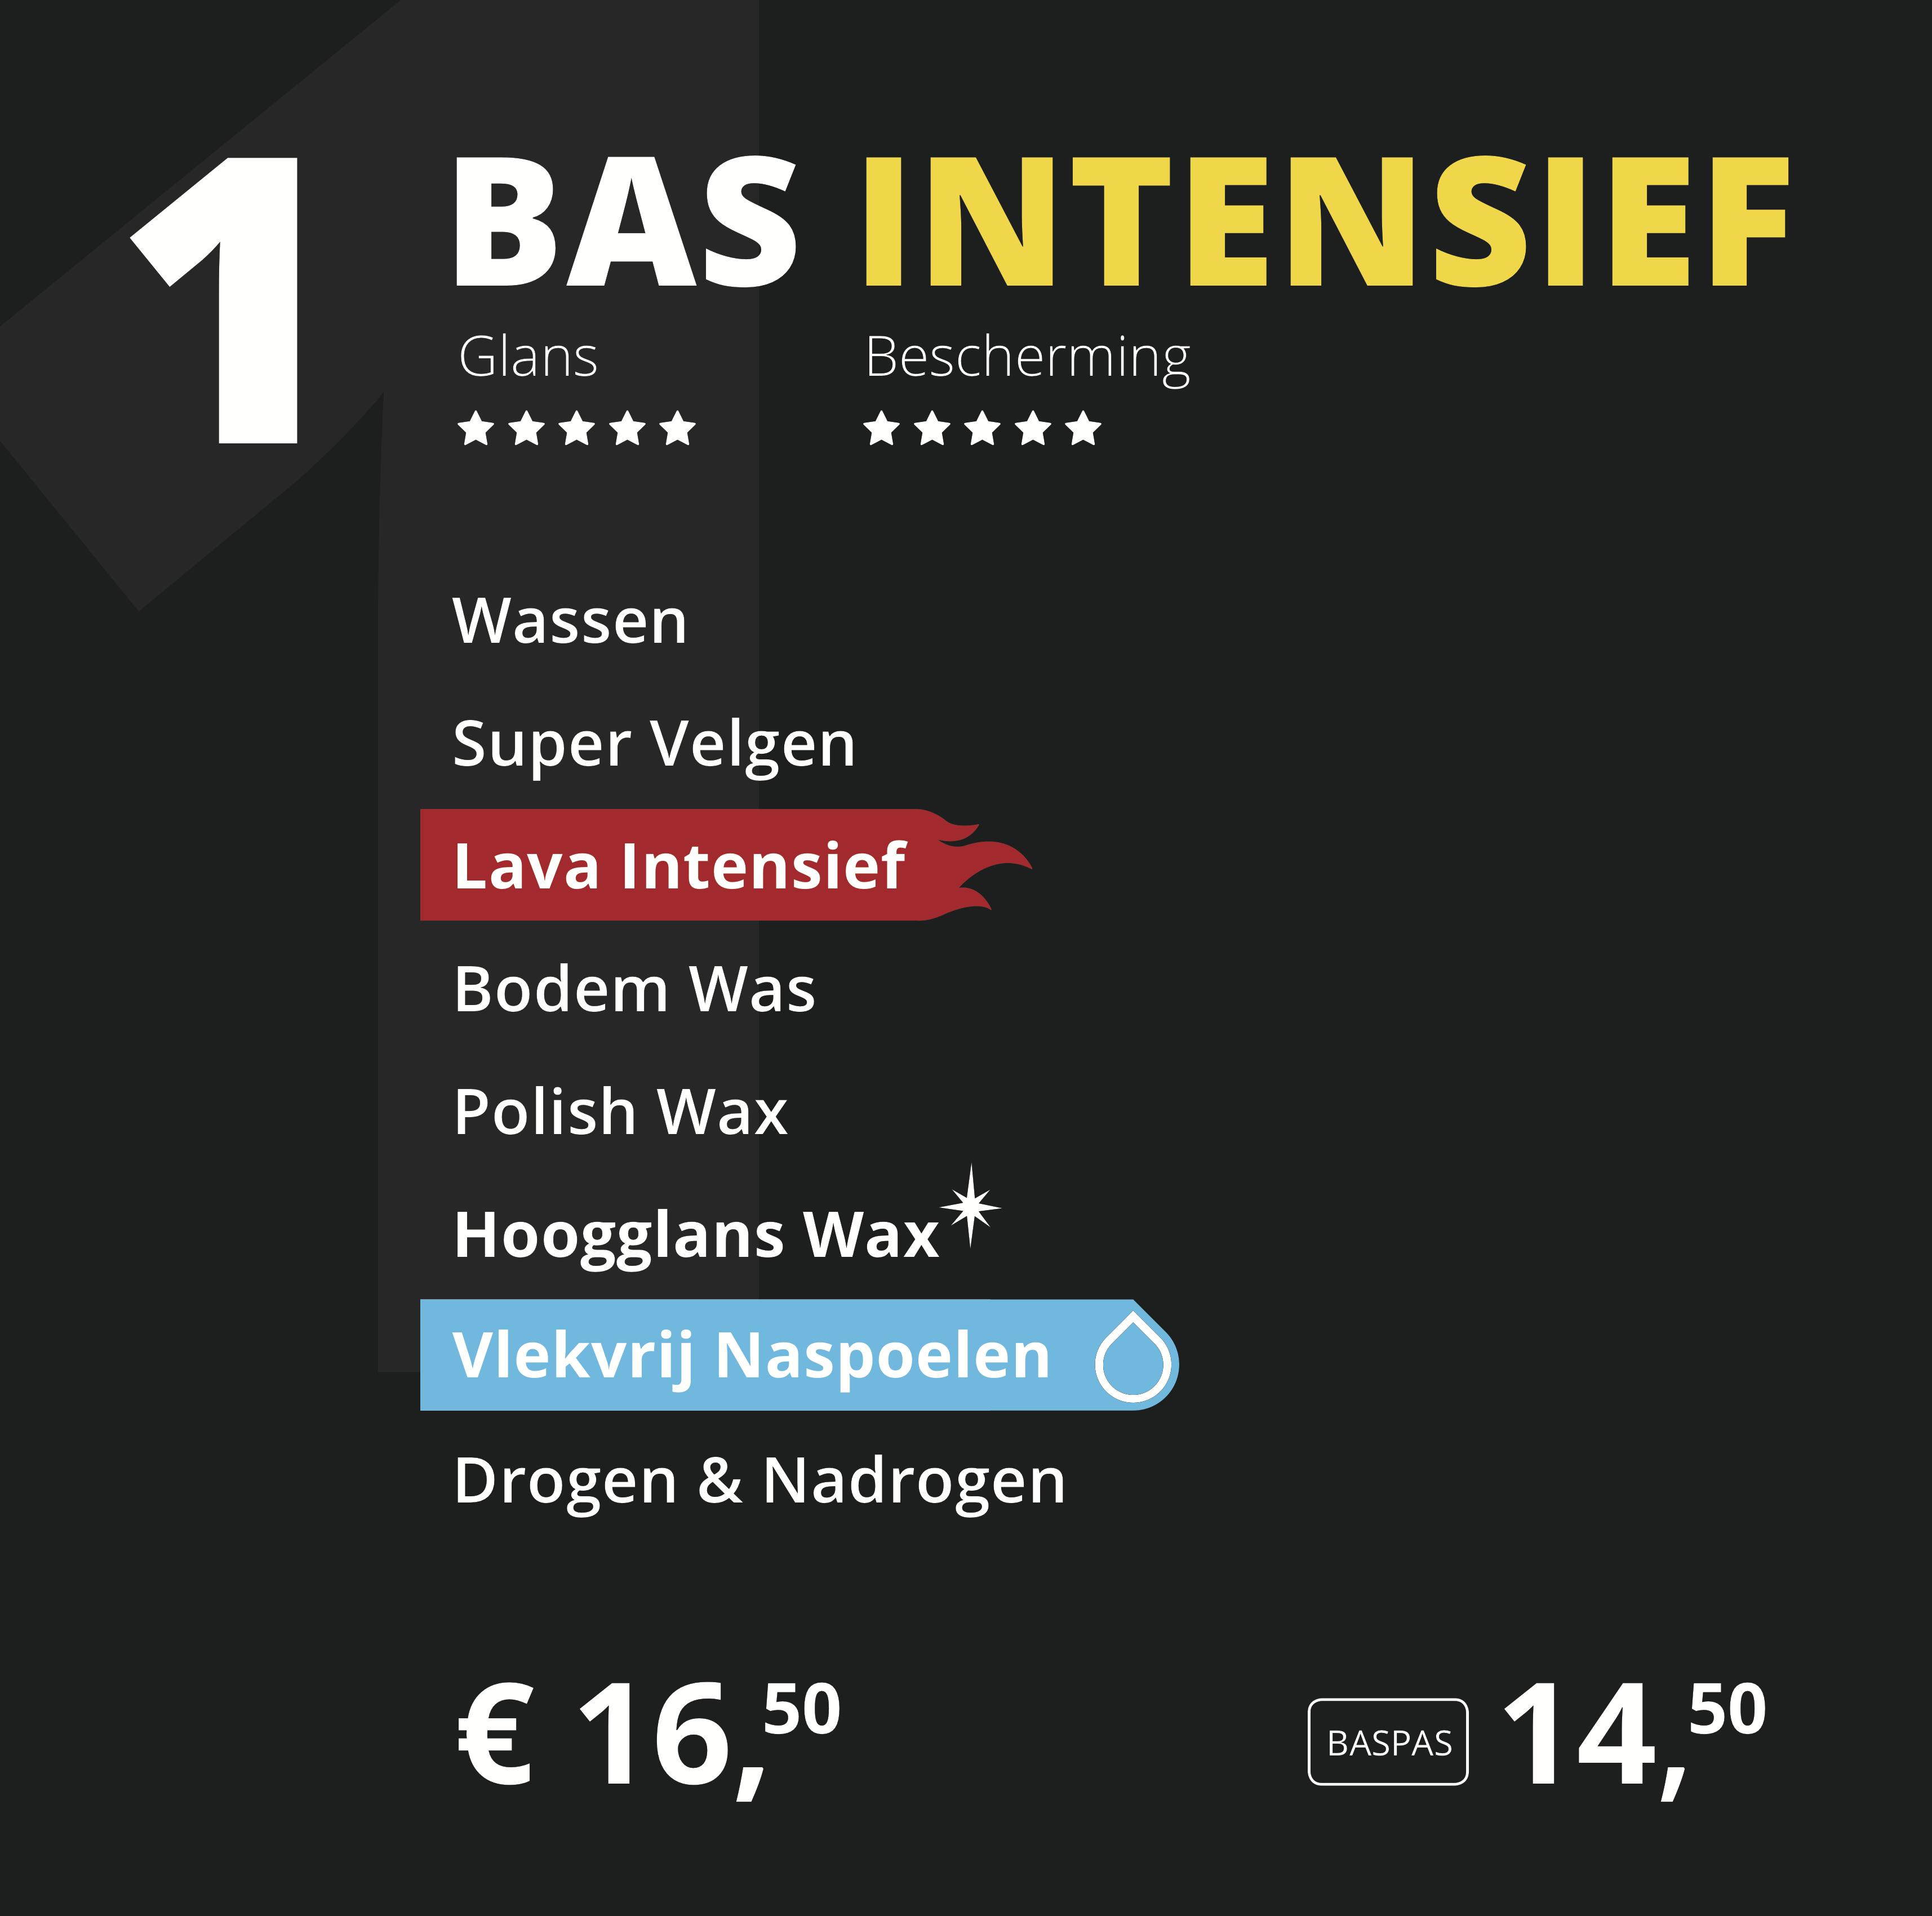 BasAutowas-Programma-1-Bas-Intensief